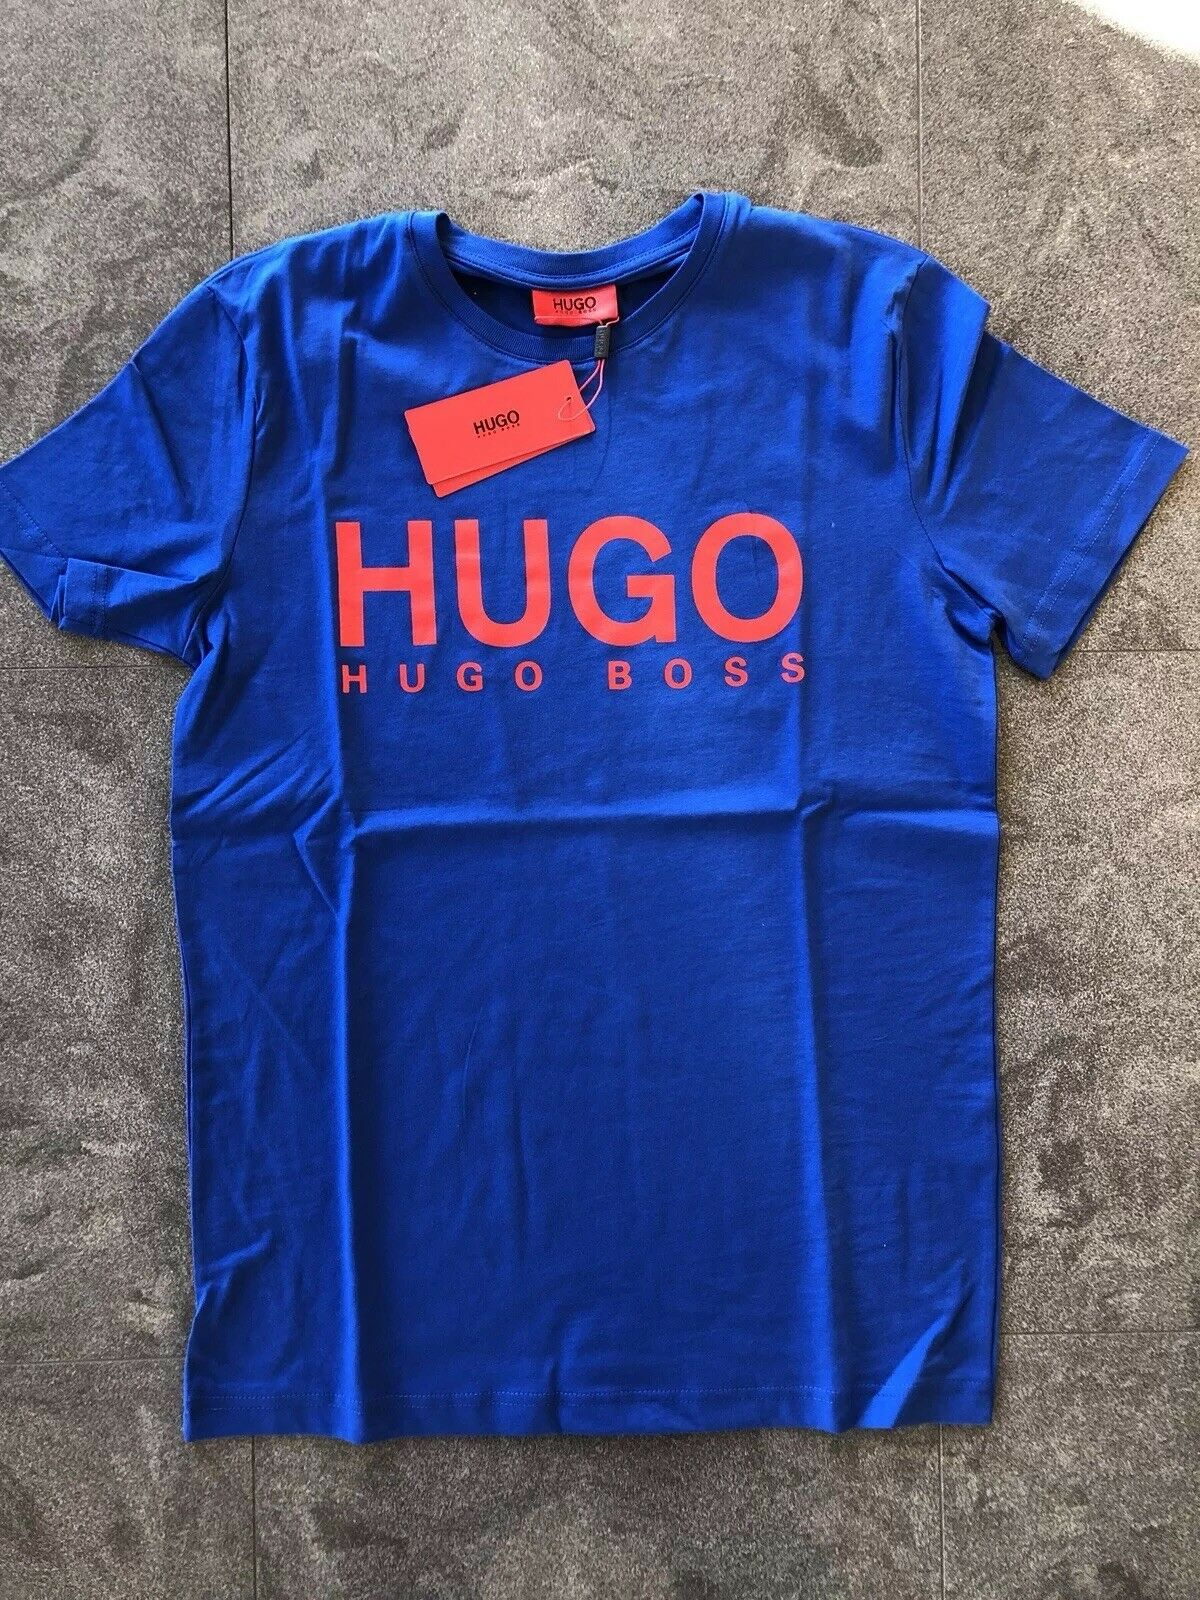 Hugo Boss Modern  T-shirt bluee  Size XL